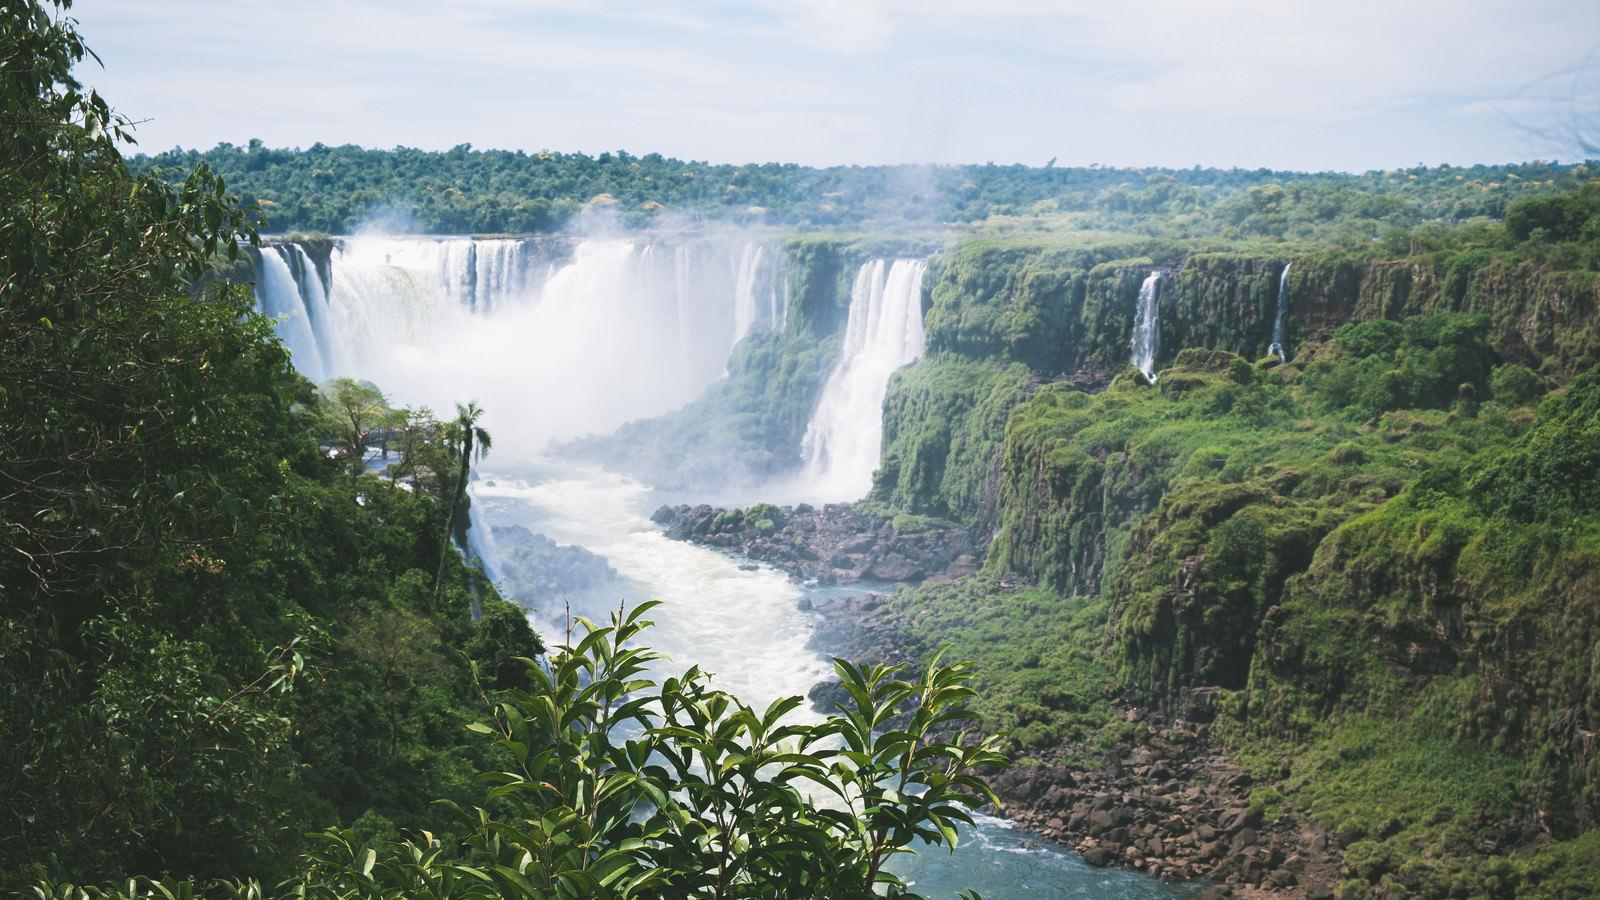 「勢いよく流れるイグアスの滝」の写真